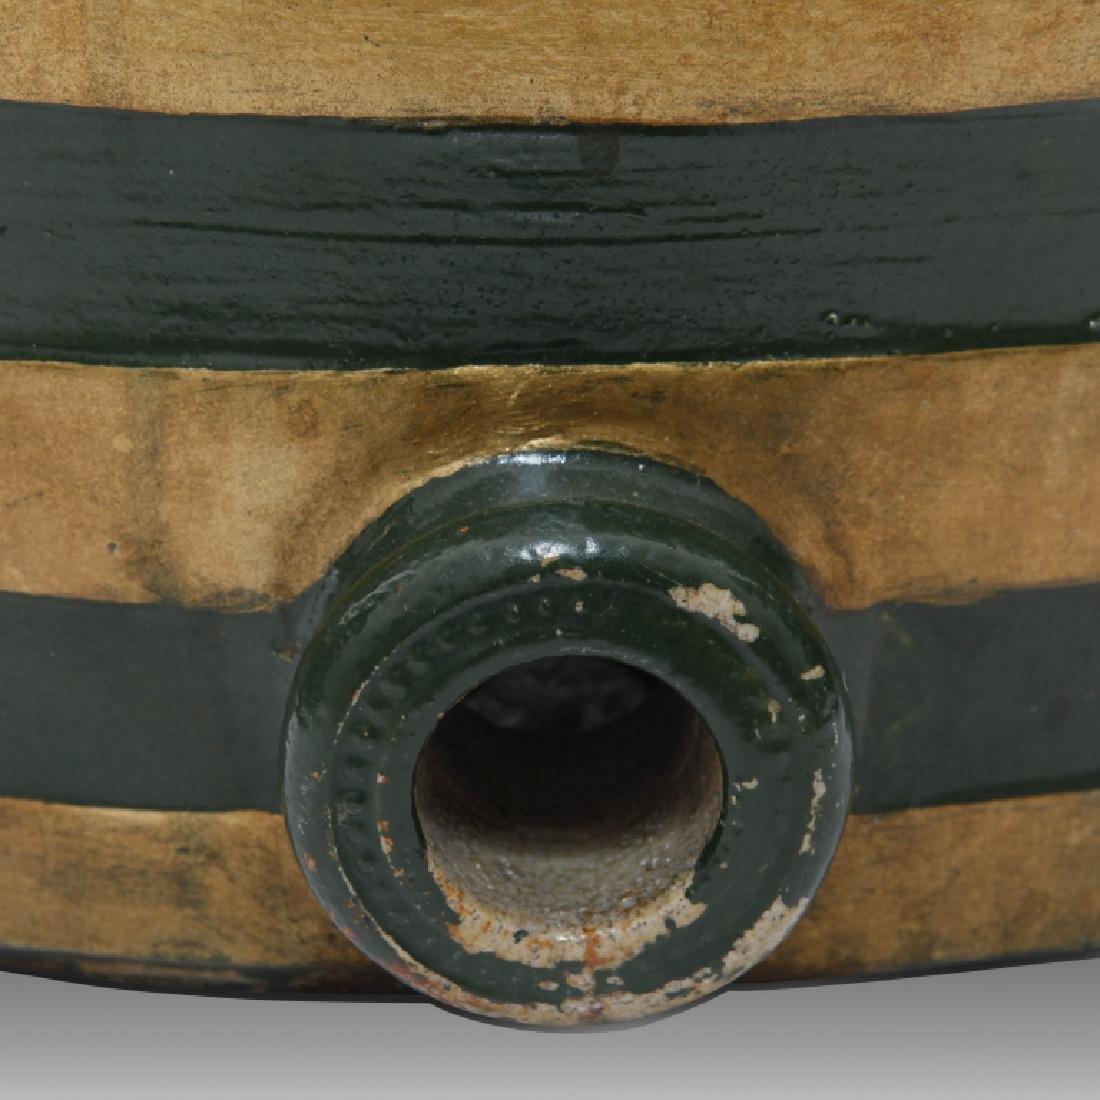 Doulton Lambeth Large Whiskey Barrel with Horses - 4